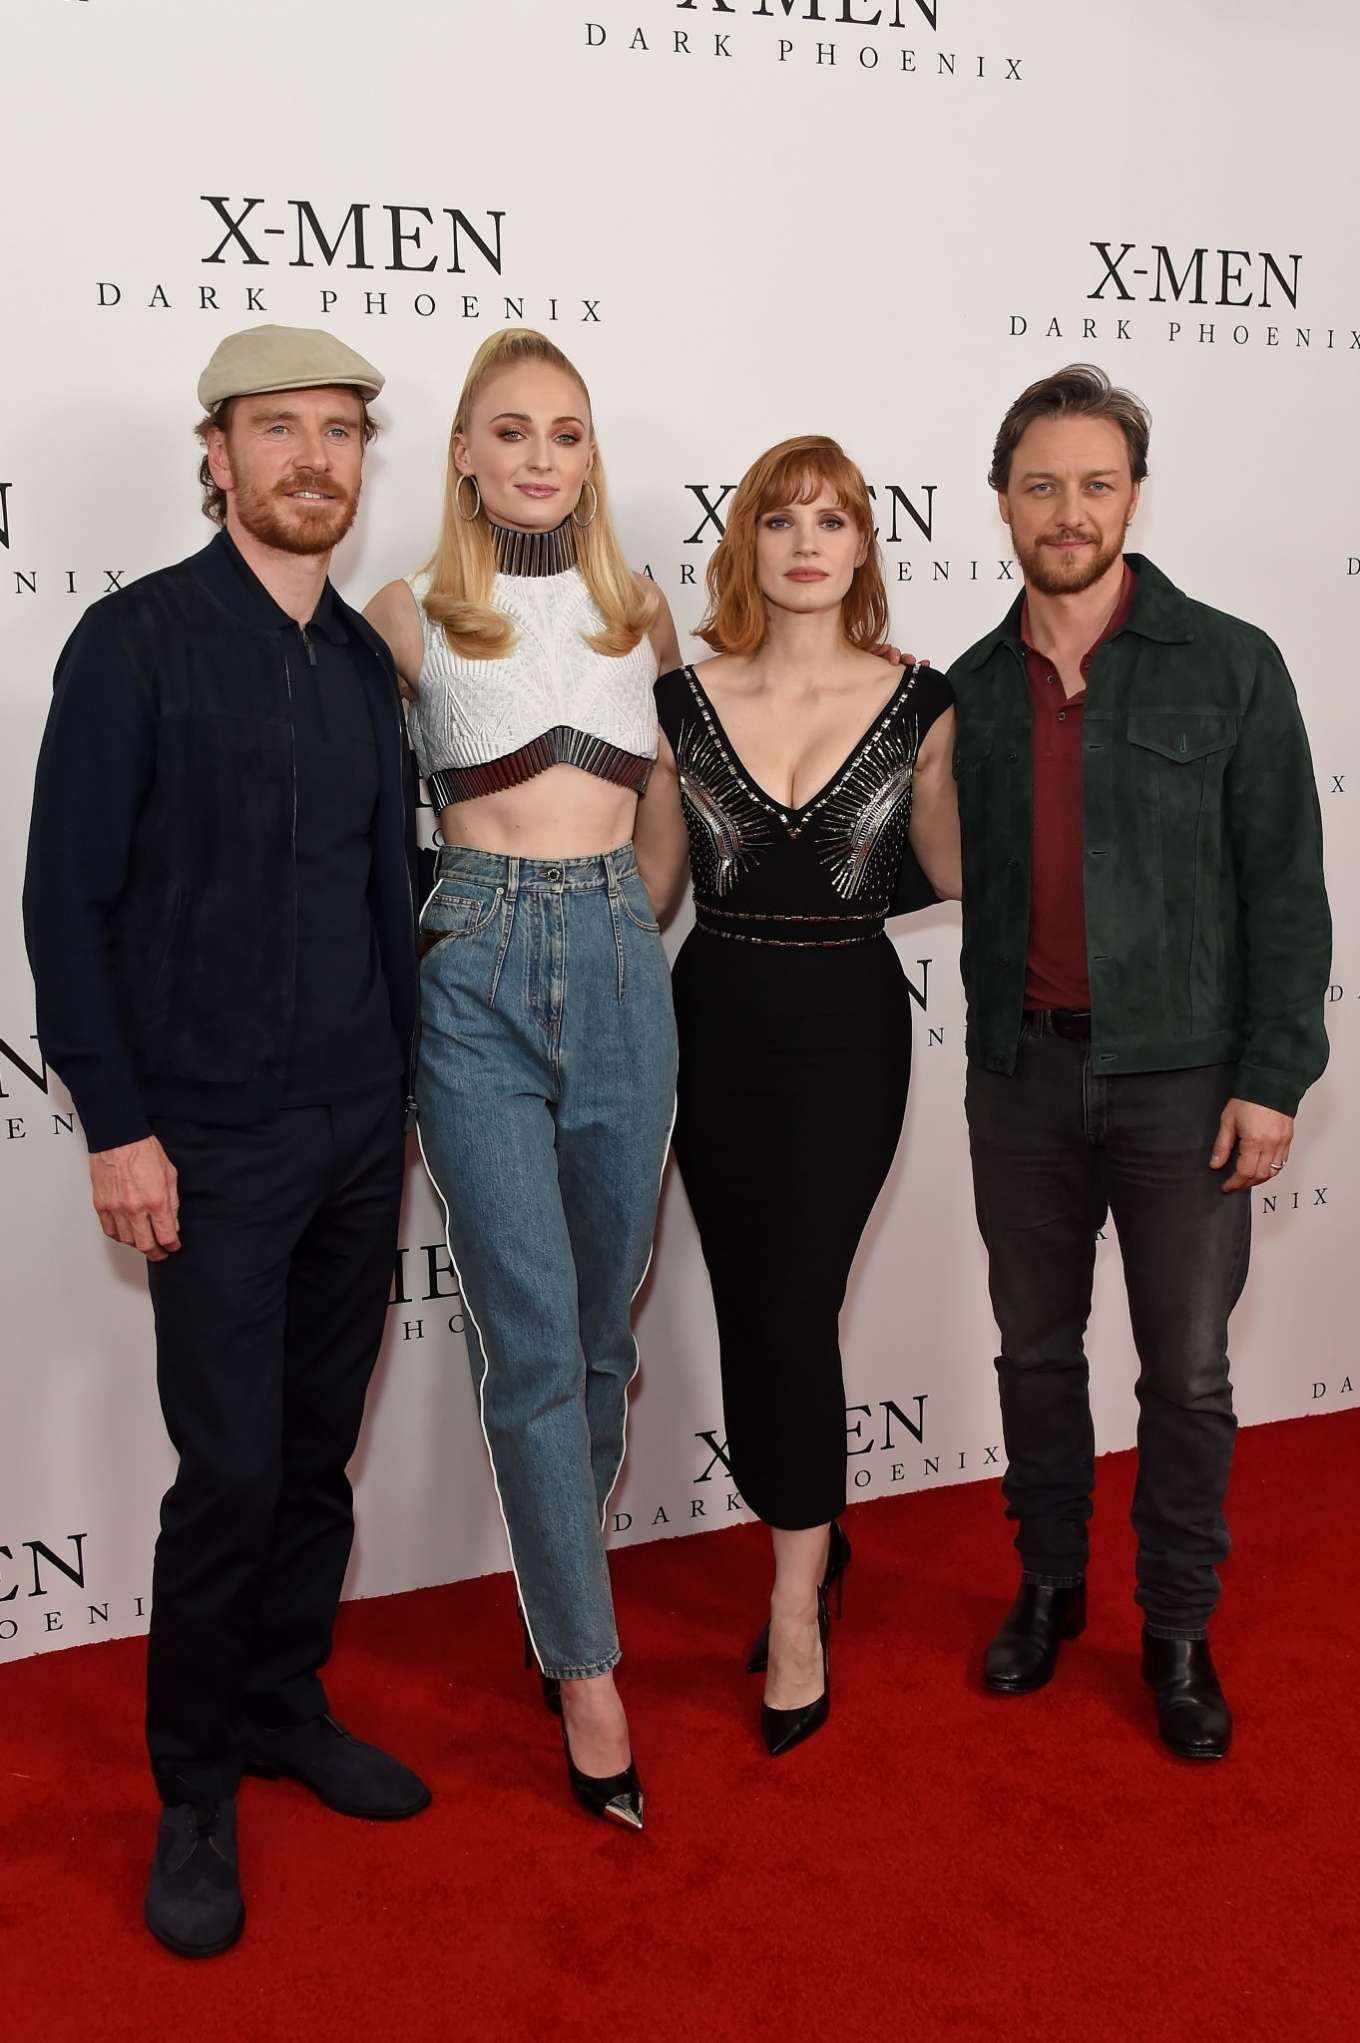 Jessica Chastain 2019 : Jessica Chastain: X-Men: Dark Phoenix  Fan Event-08